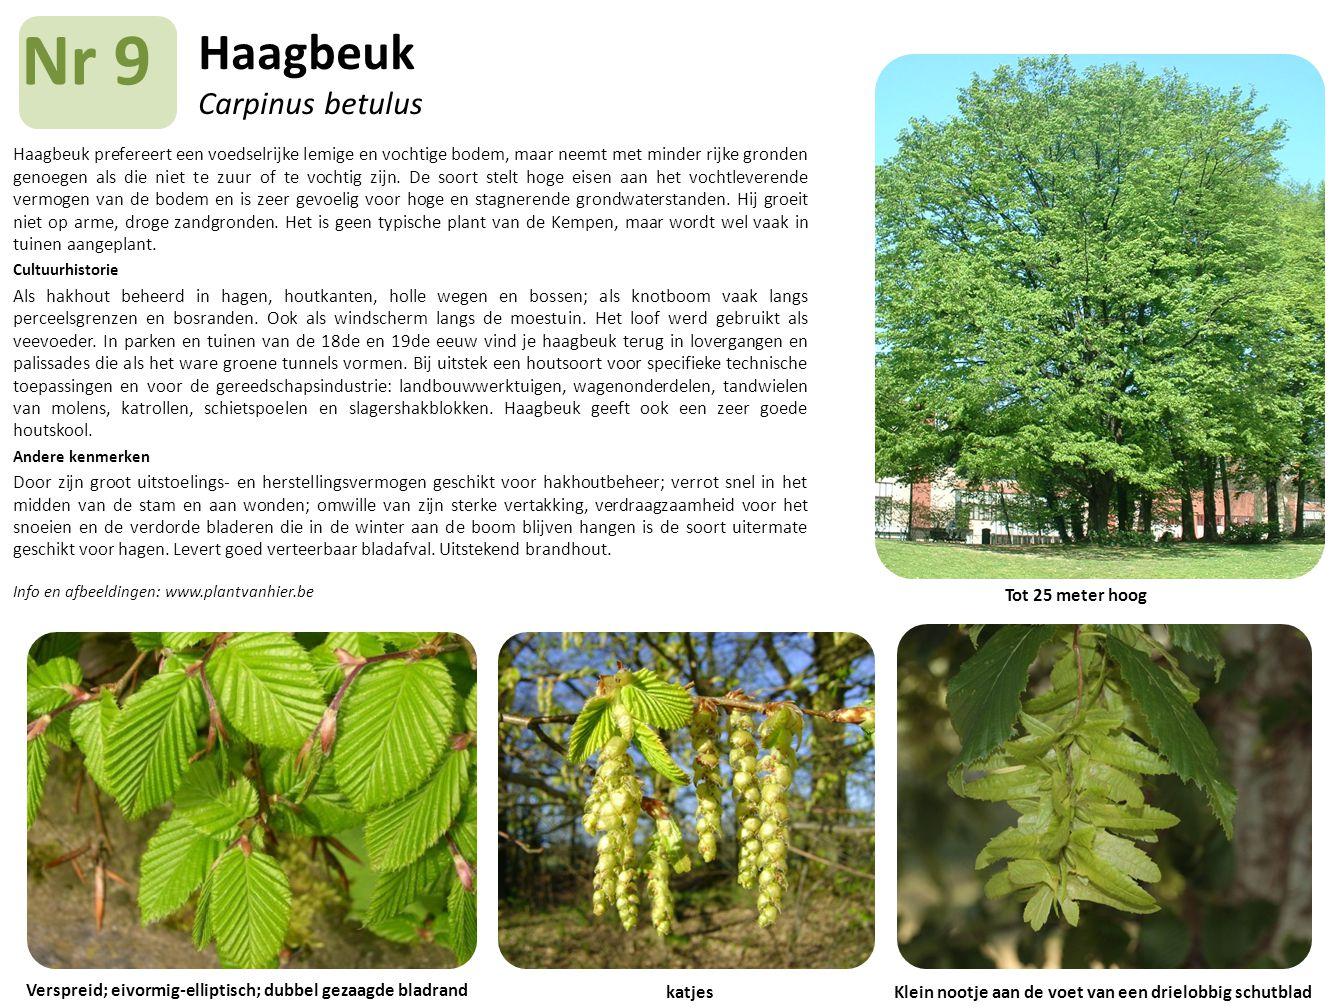 Haagbeuk Carpinus betulus Haagbeuk prefereert een voedselrijke lemige en vochtige bodem, maar neemt met minder rijke gronden genoegen als die niet te